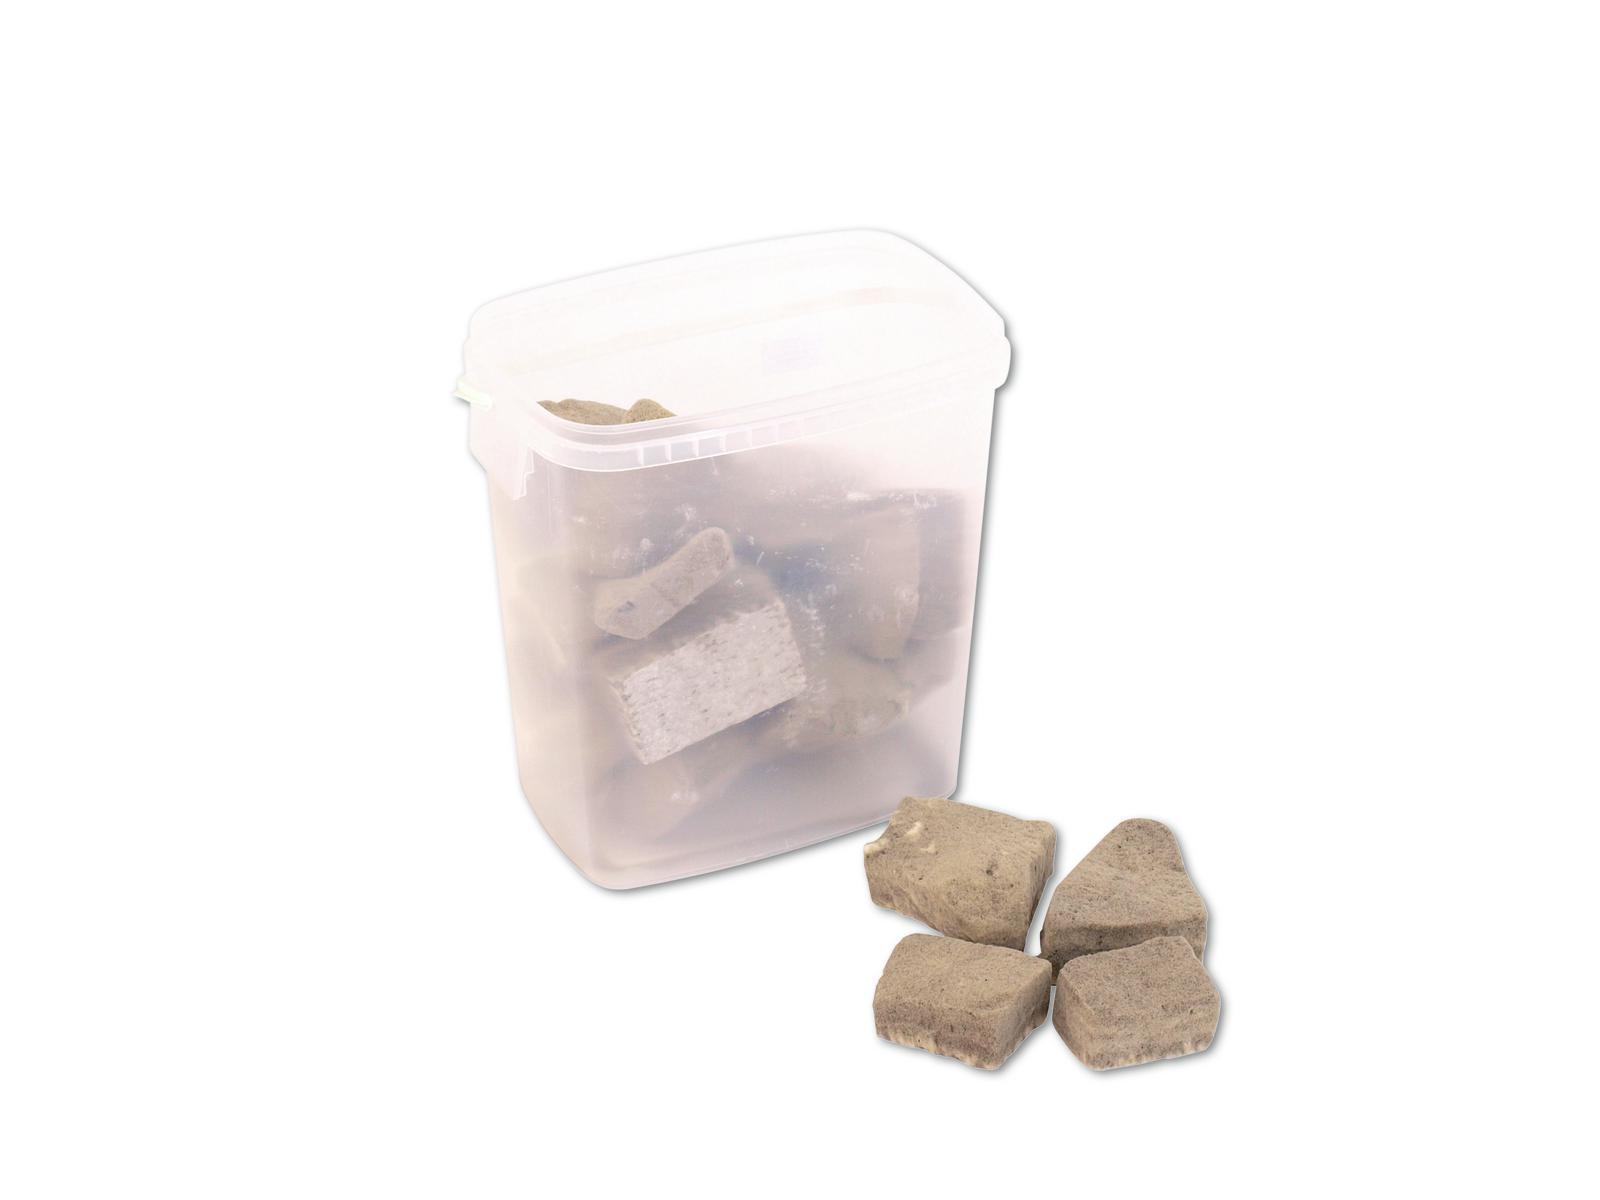 Umělé dekorační kamínky, šampaň, 20 g, 11 l